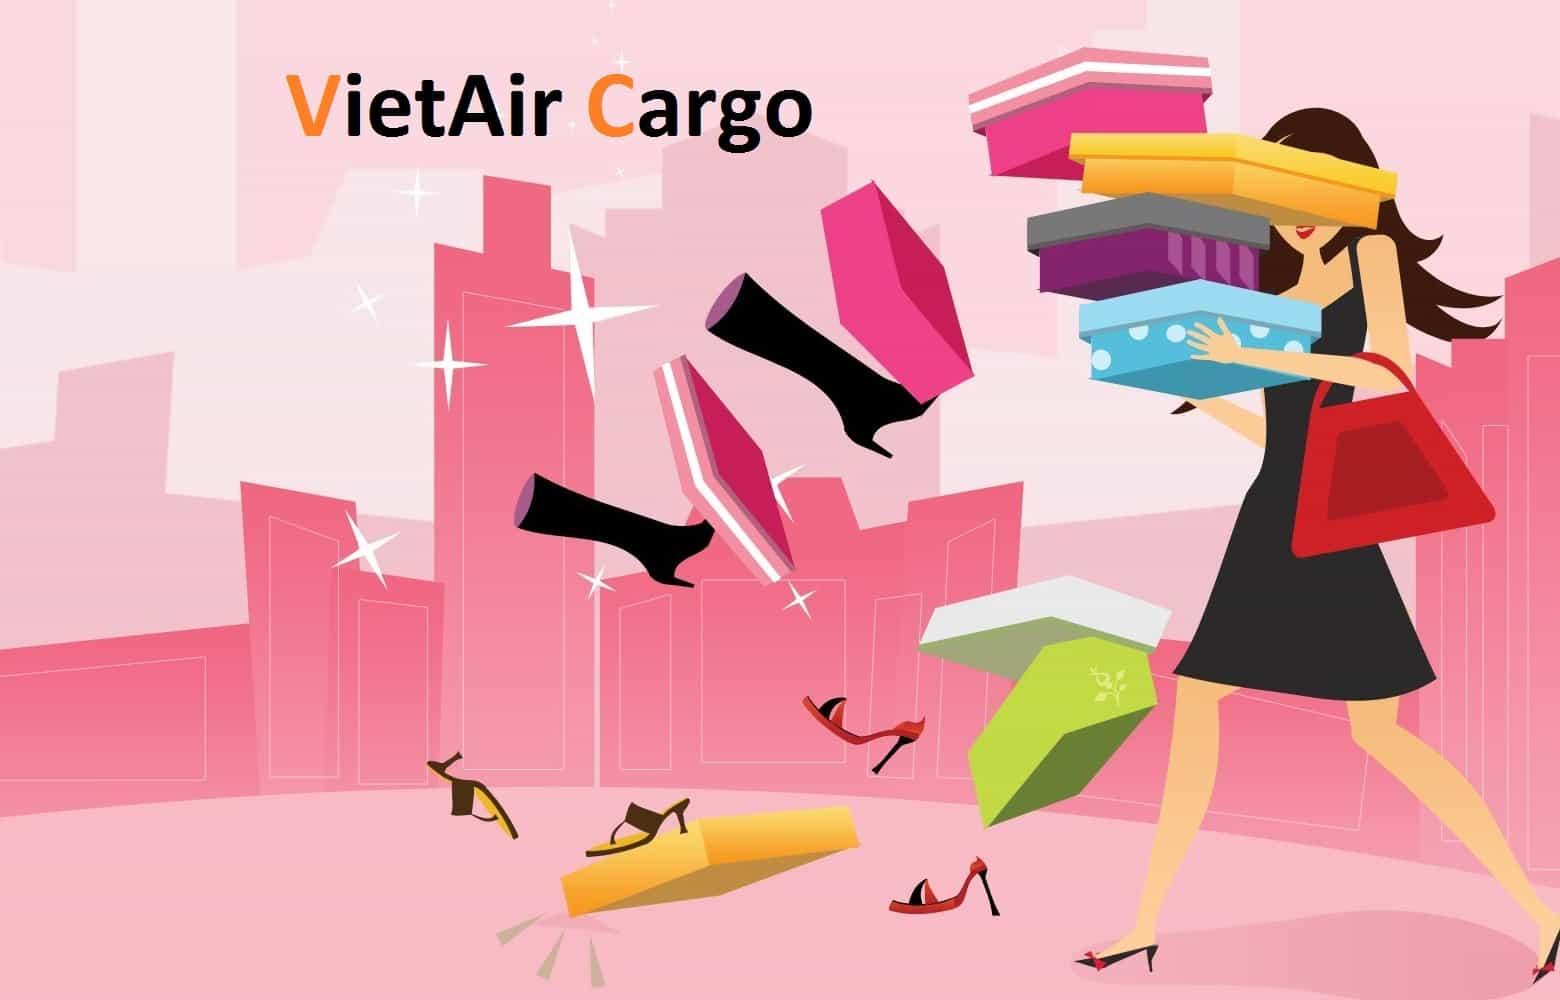 vietair-cargo-don-vi-mua-hang-my-tot-nhat-hien-nay-2 VietAir Cargo được bình chọn là đợn vị mua hàng Mỹ tốt nhất hiện nay